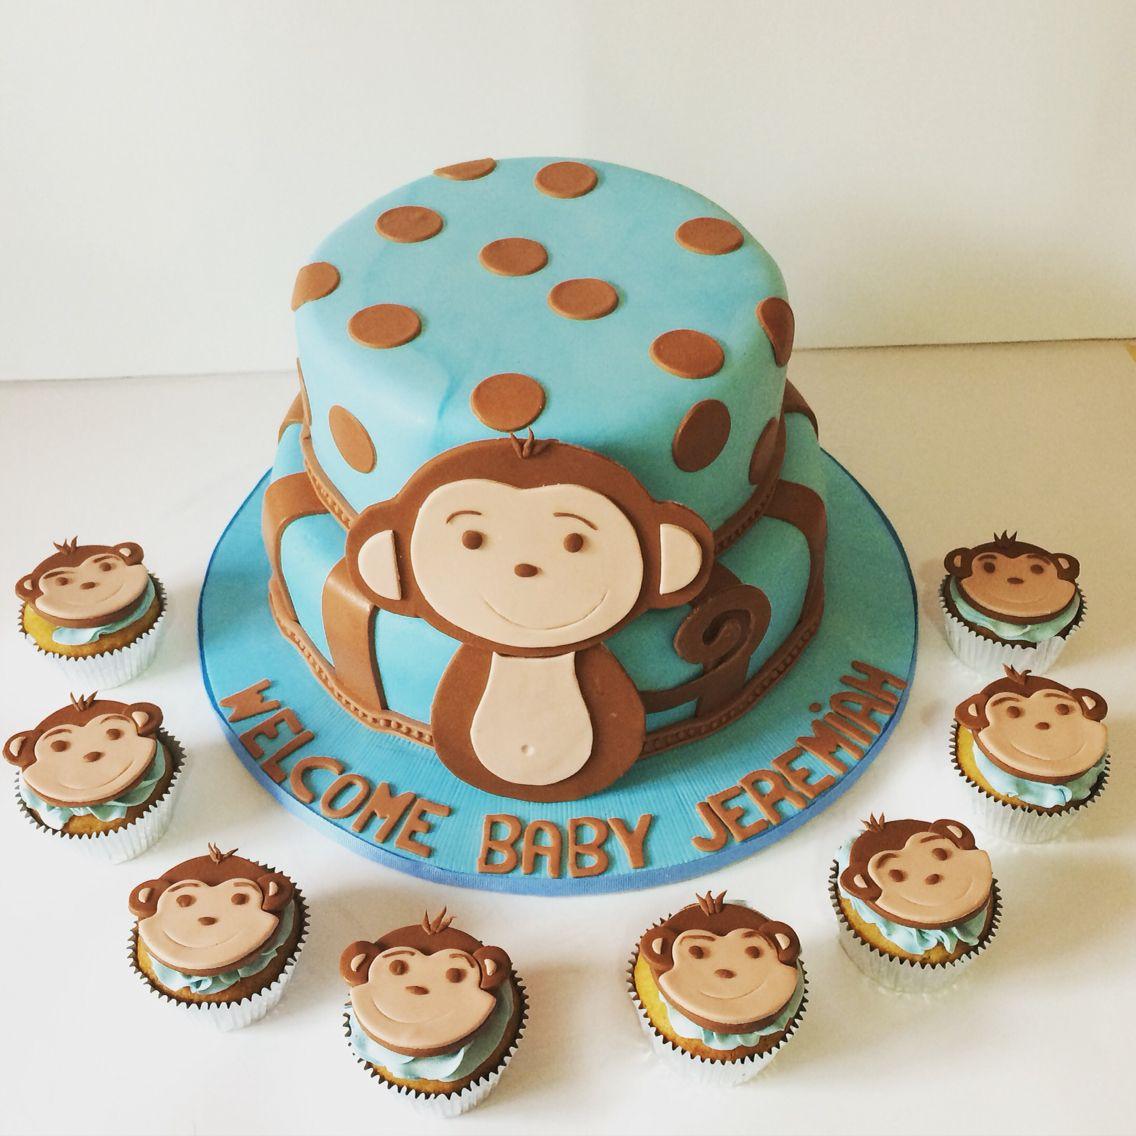 Baby shower cake monkey cake for baby boy baby shower cakes pinterest shower cakes cake - Monkey baby shower cakes for boys ...